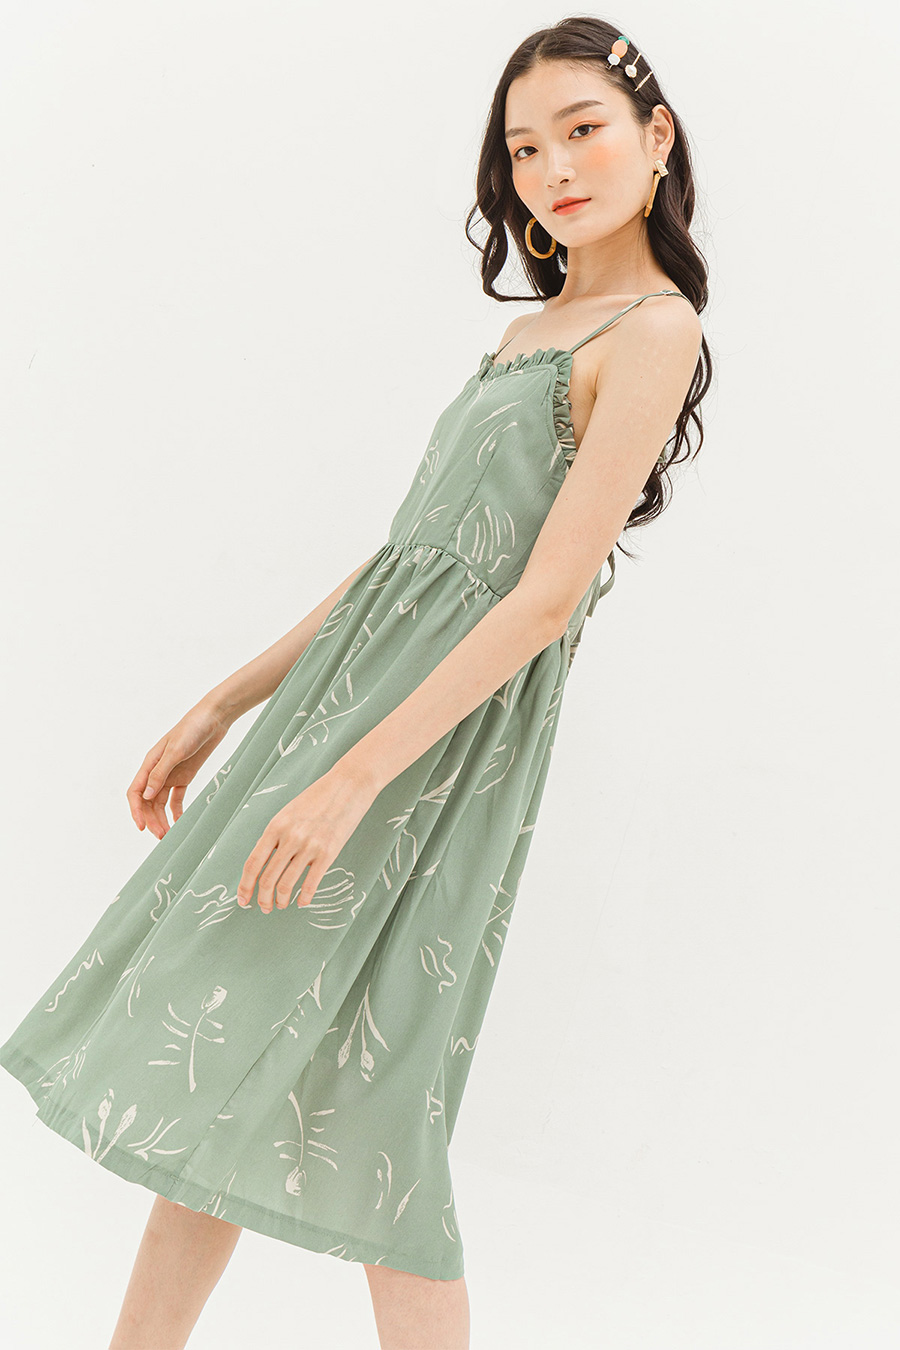 ROEL DRESS - DOODLE